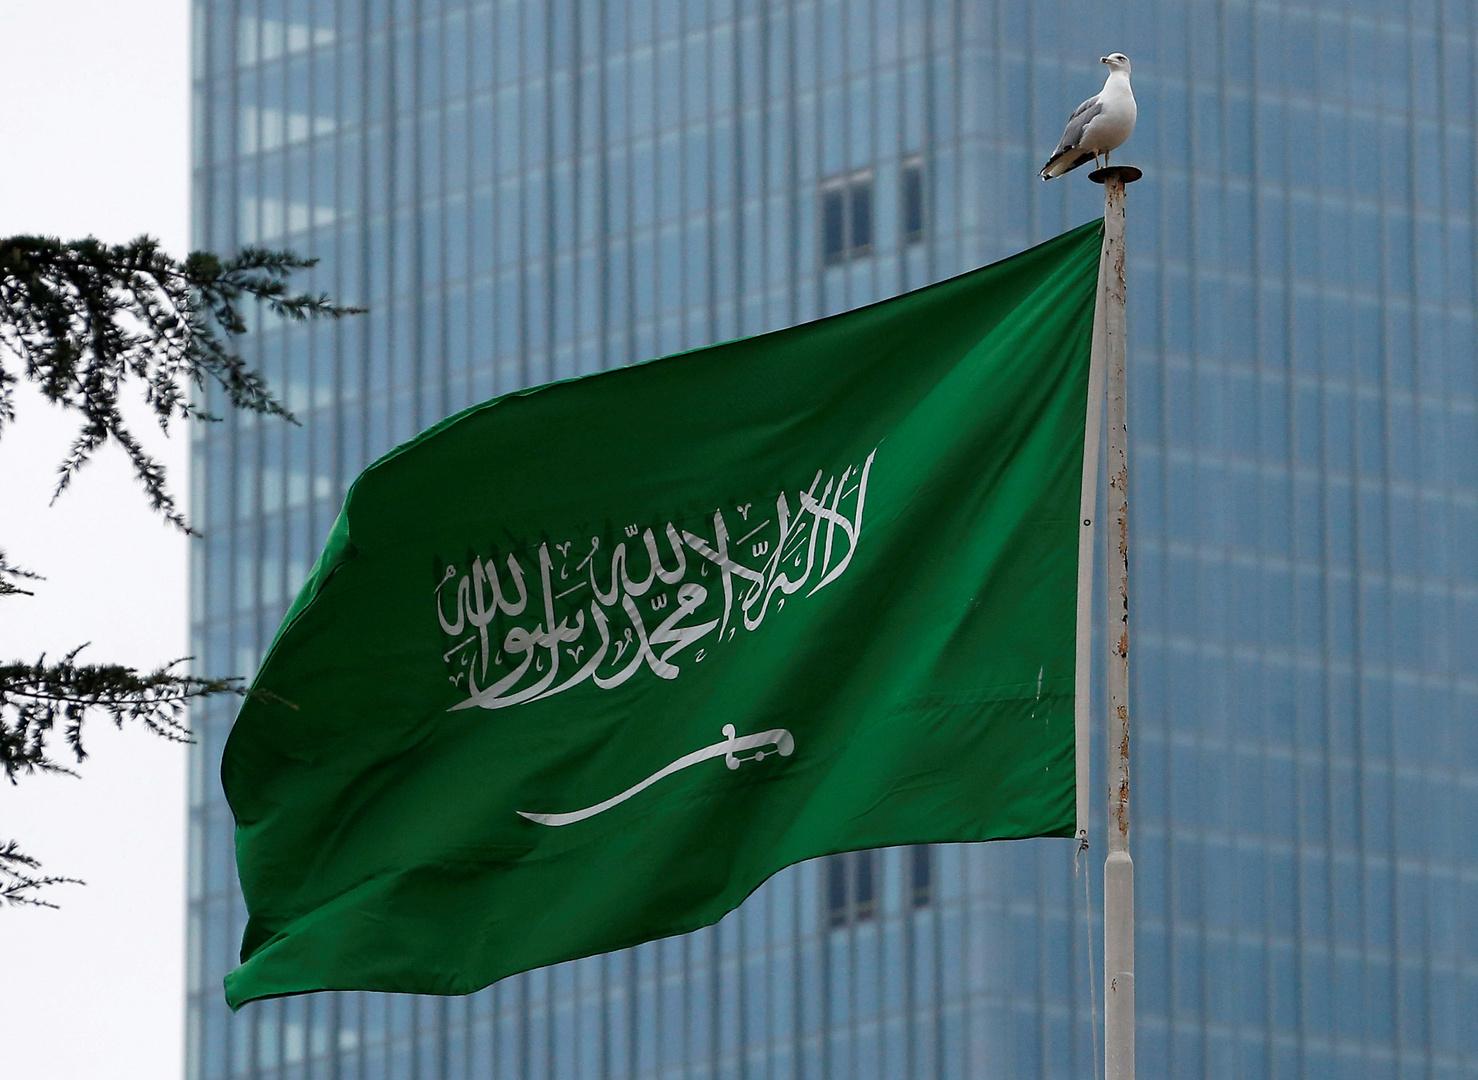 السعودية تسجل 325 إصابة جديدة بفيروس كورونا و3 وفيات